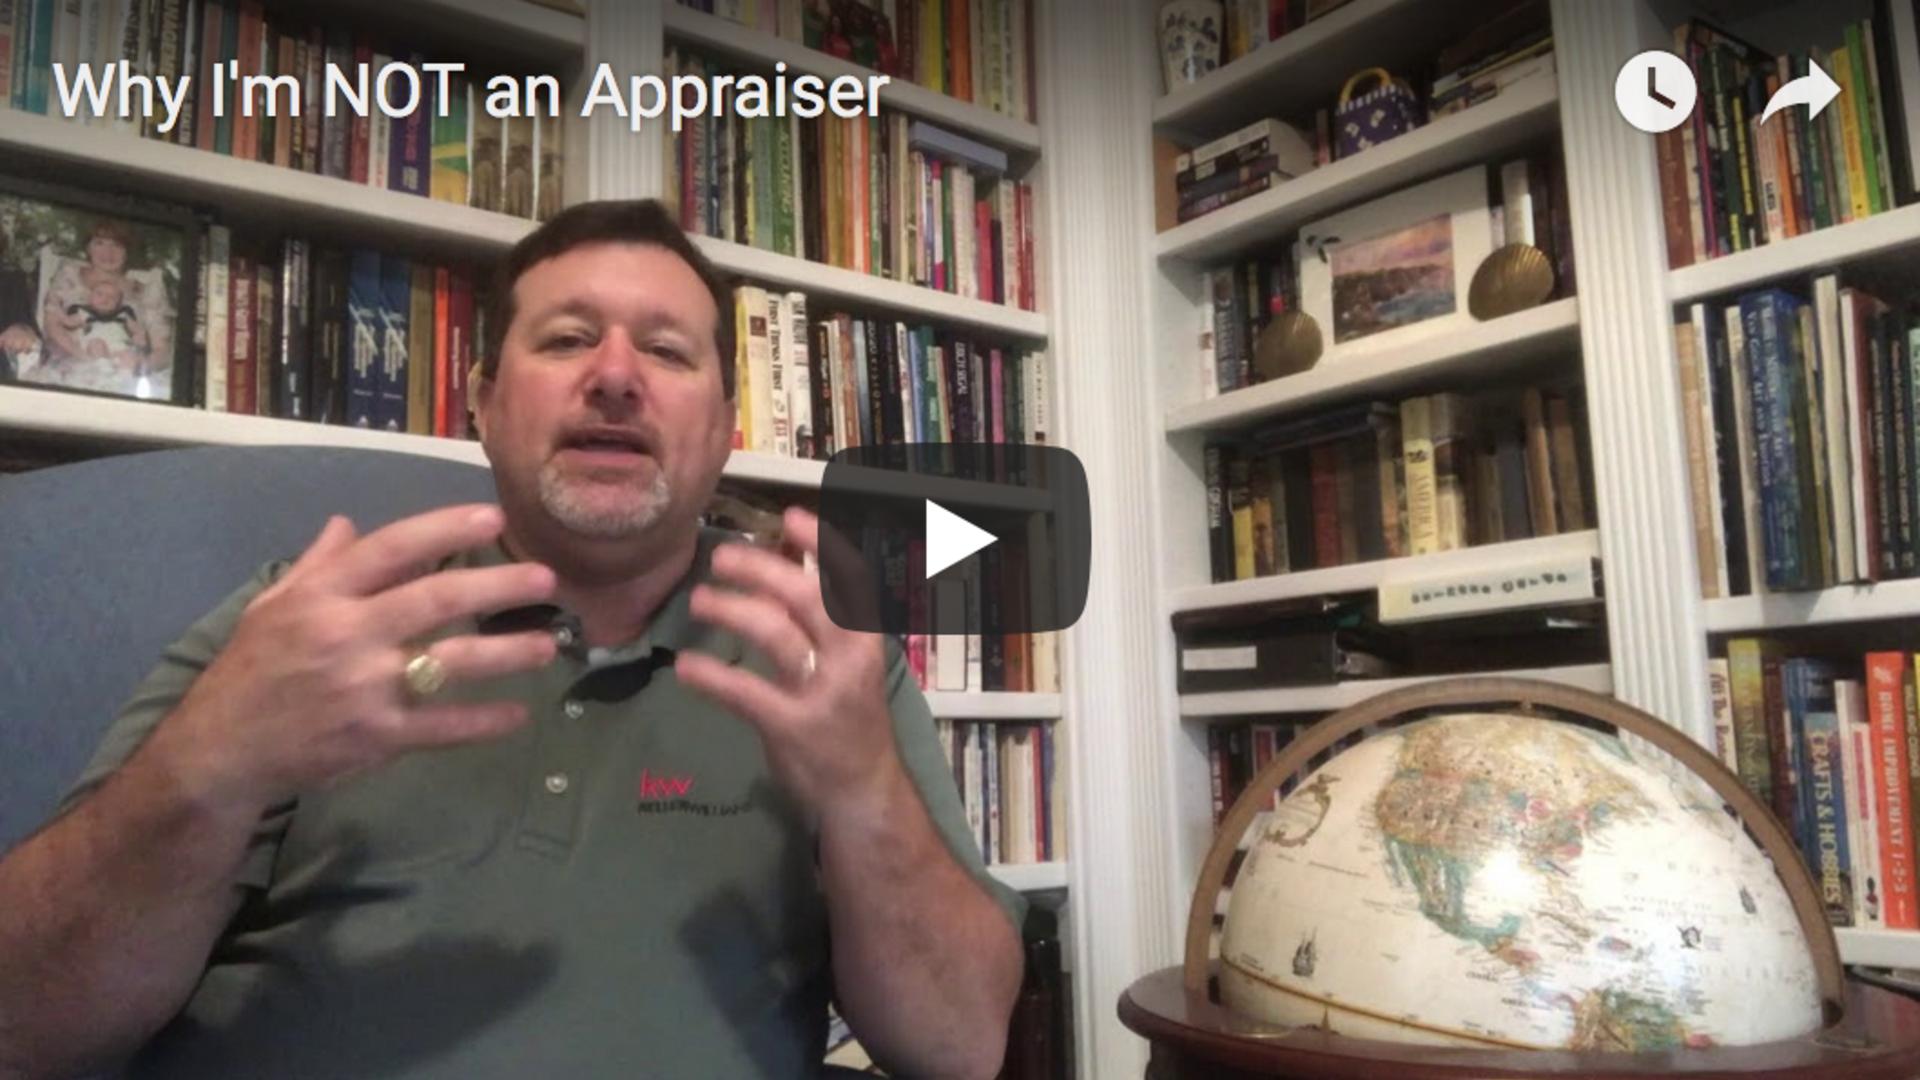 Why I'm not an appraiser